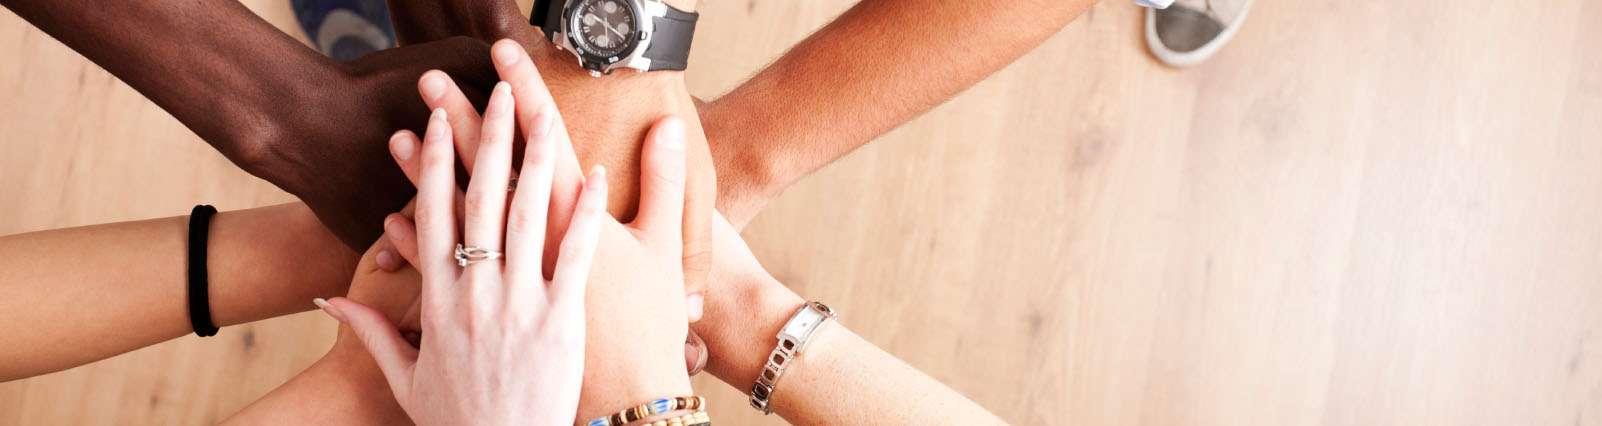 Cooperativismo de Plataforma - Artigo Coordenador de Gestão de Cooperativas - Nemízio